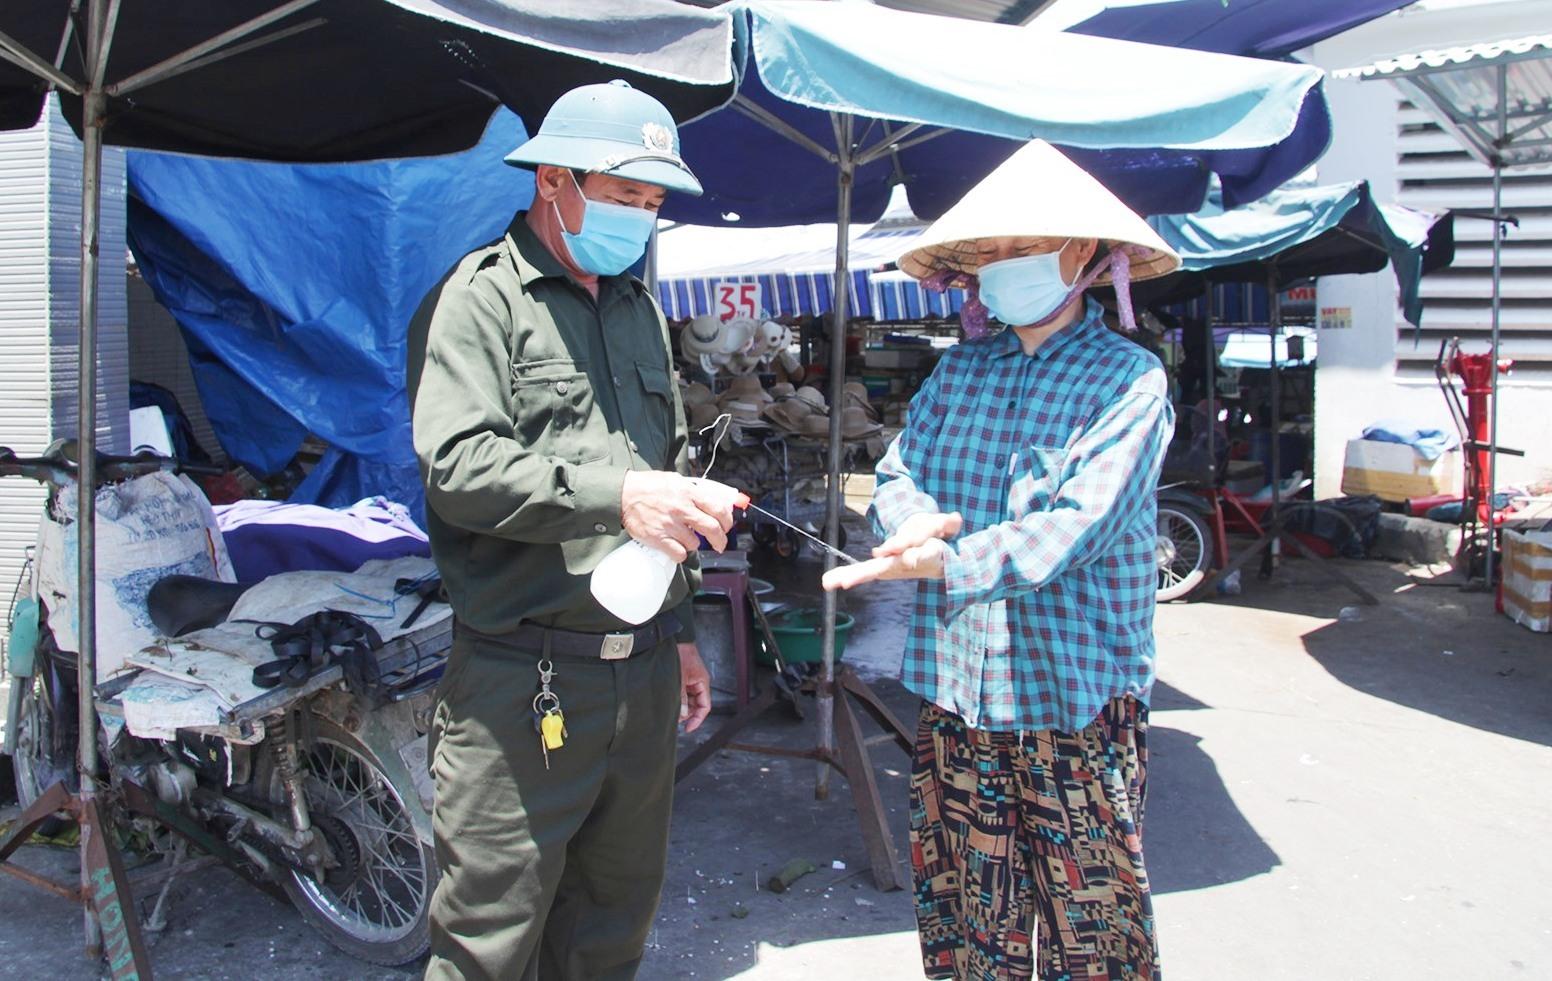 Ban quản lý chợ xịt sát khuẩn tay cho người dân khi vào mua bán. Ảnh: H.Q